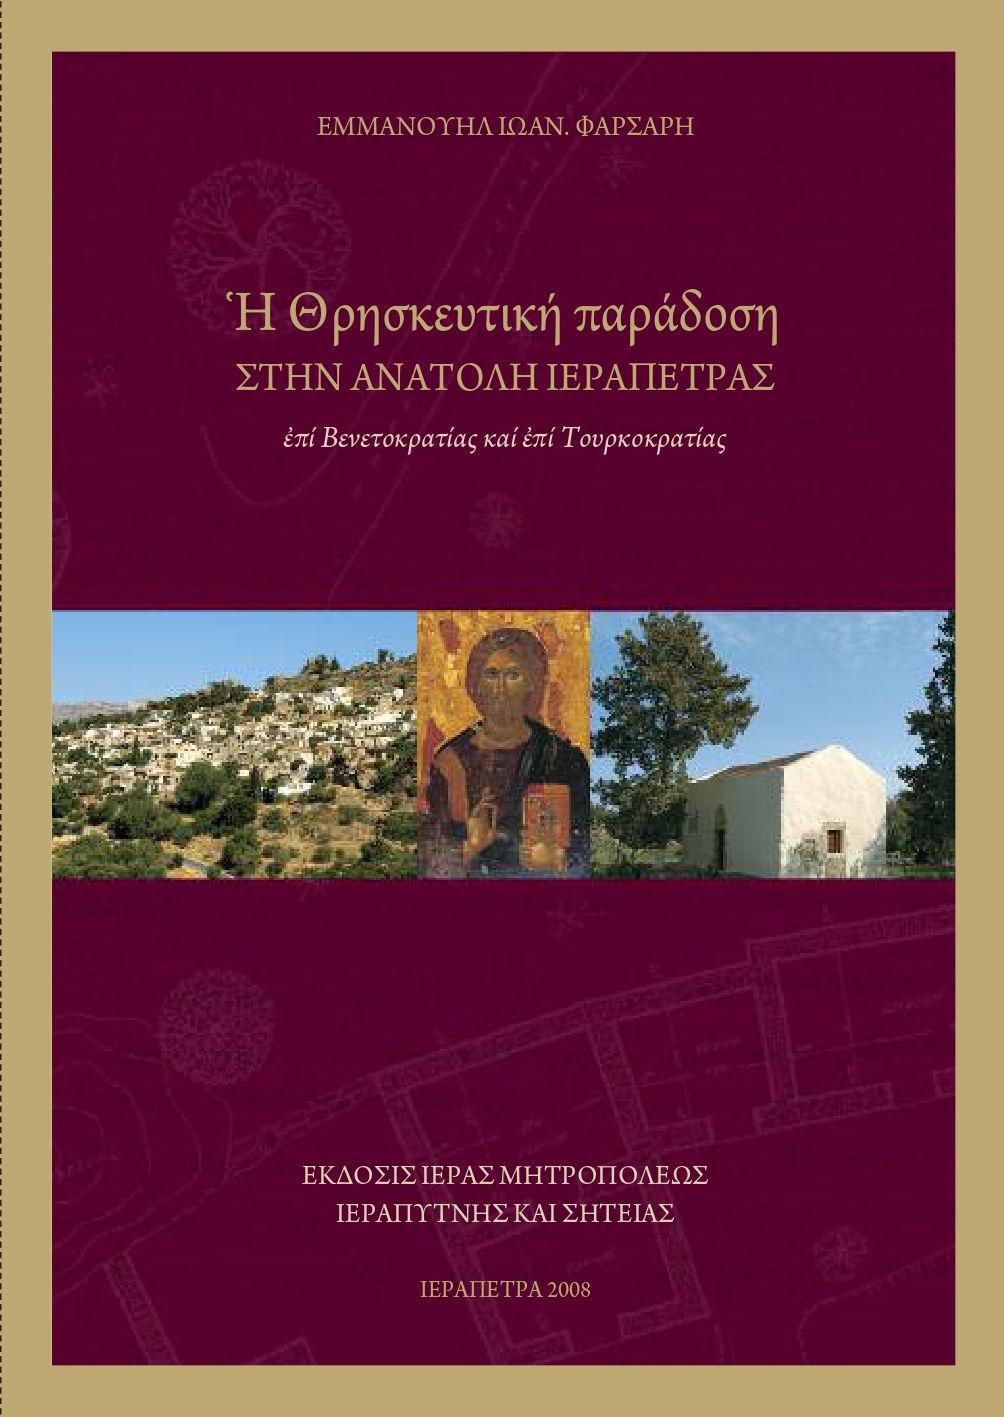 Η θρησκευτική Παράδοση στην Ανατολή Ιεράπετρας